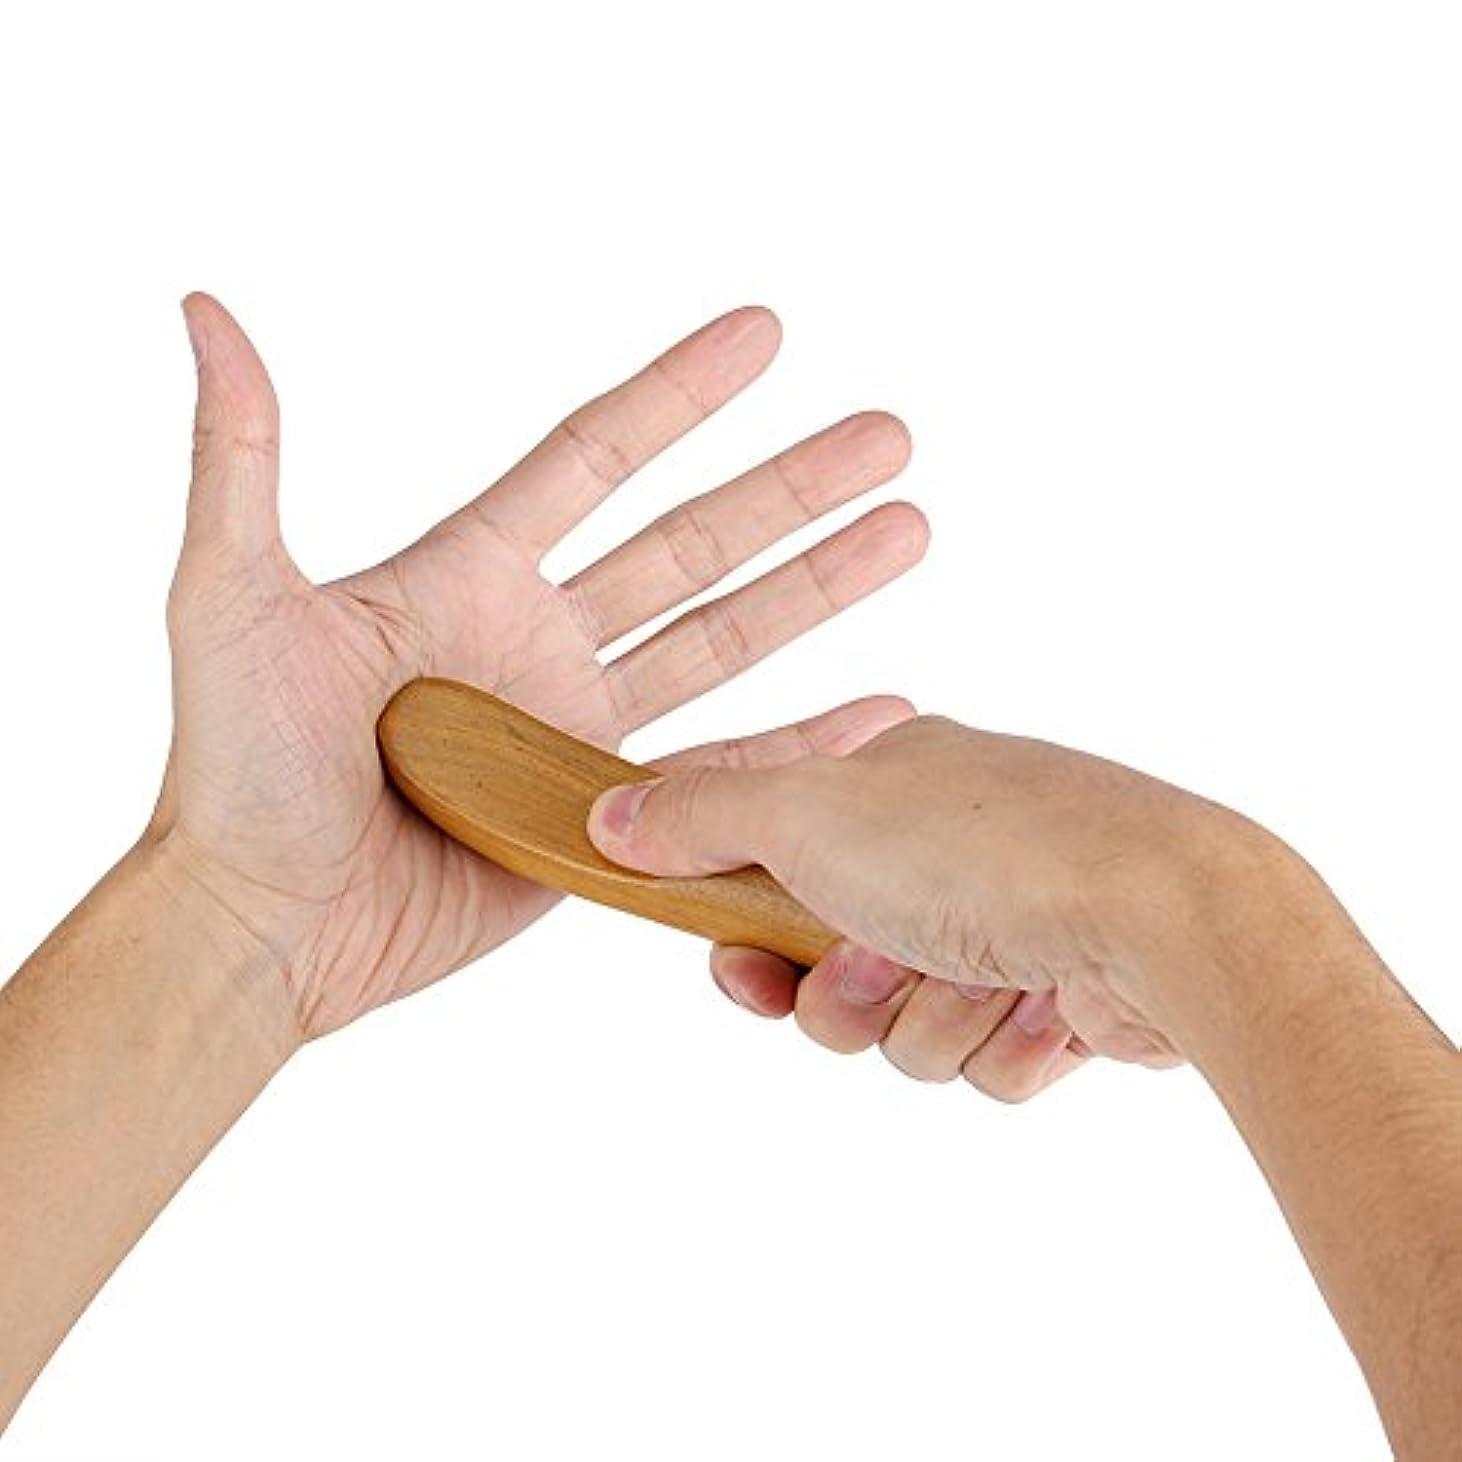 診療所臨検最初香りのよい木指圧ポイント子午線掻き寄せスティックミニフィンガーバックボディマッサージャー